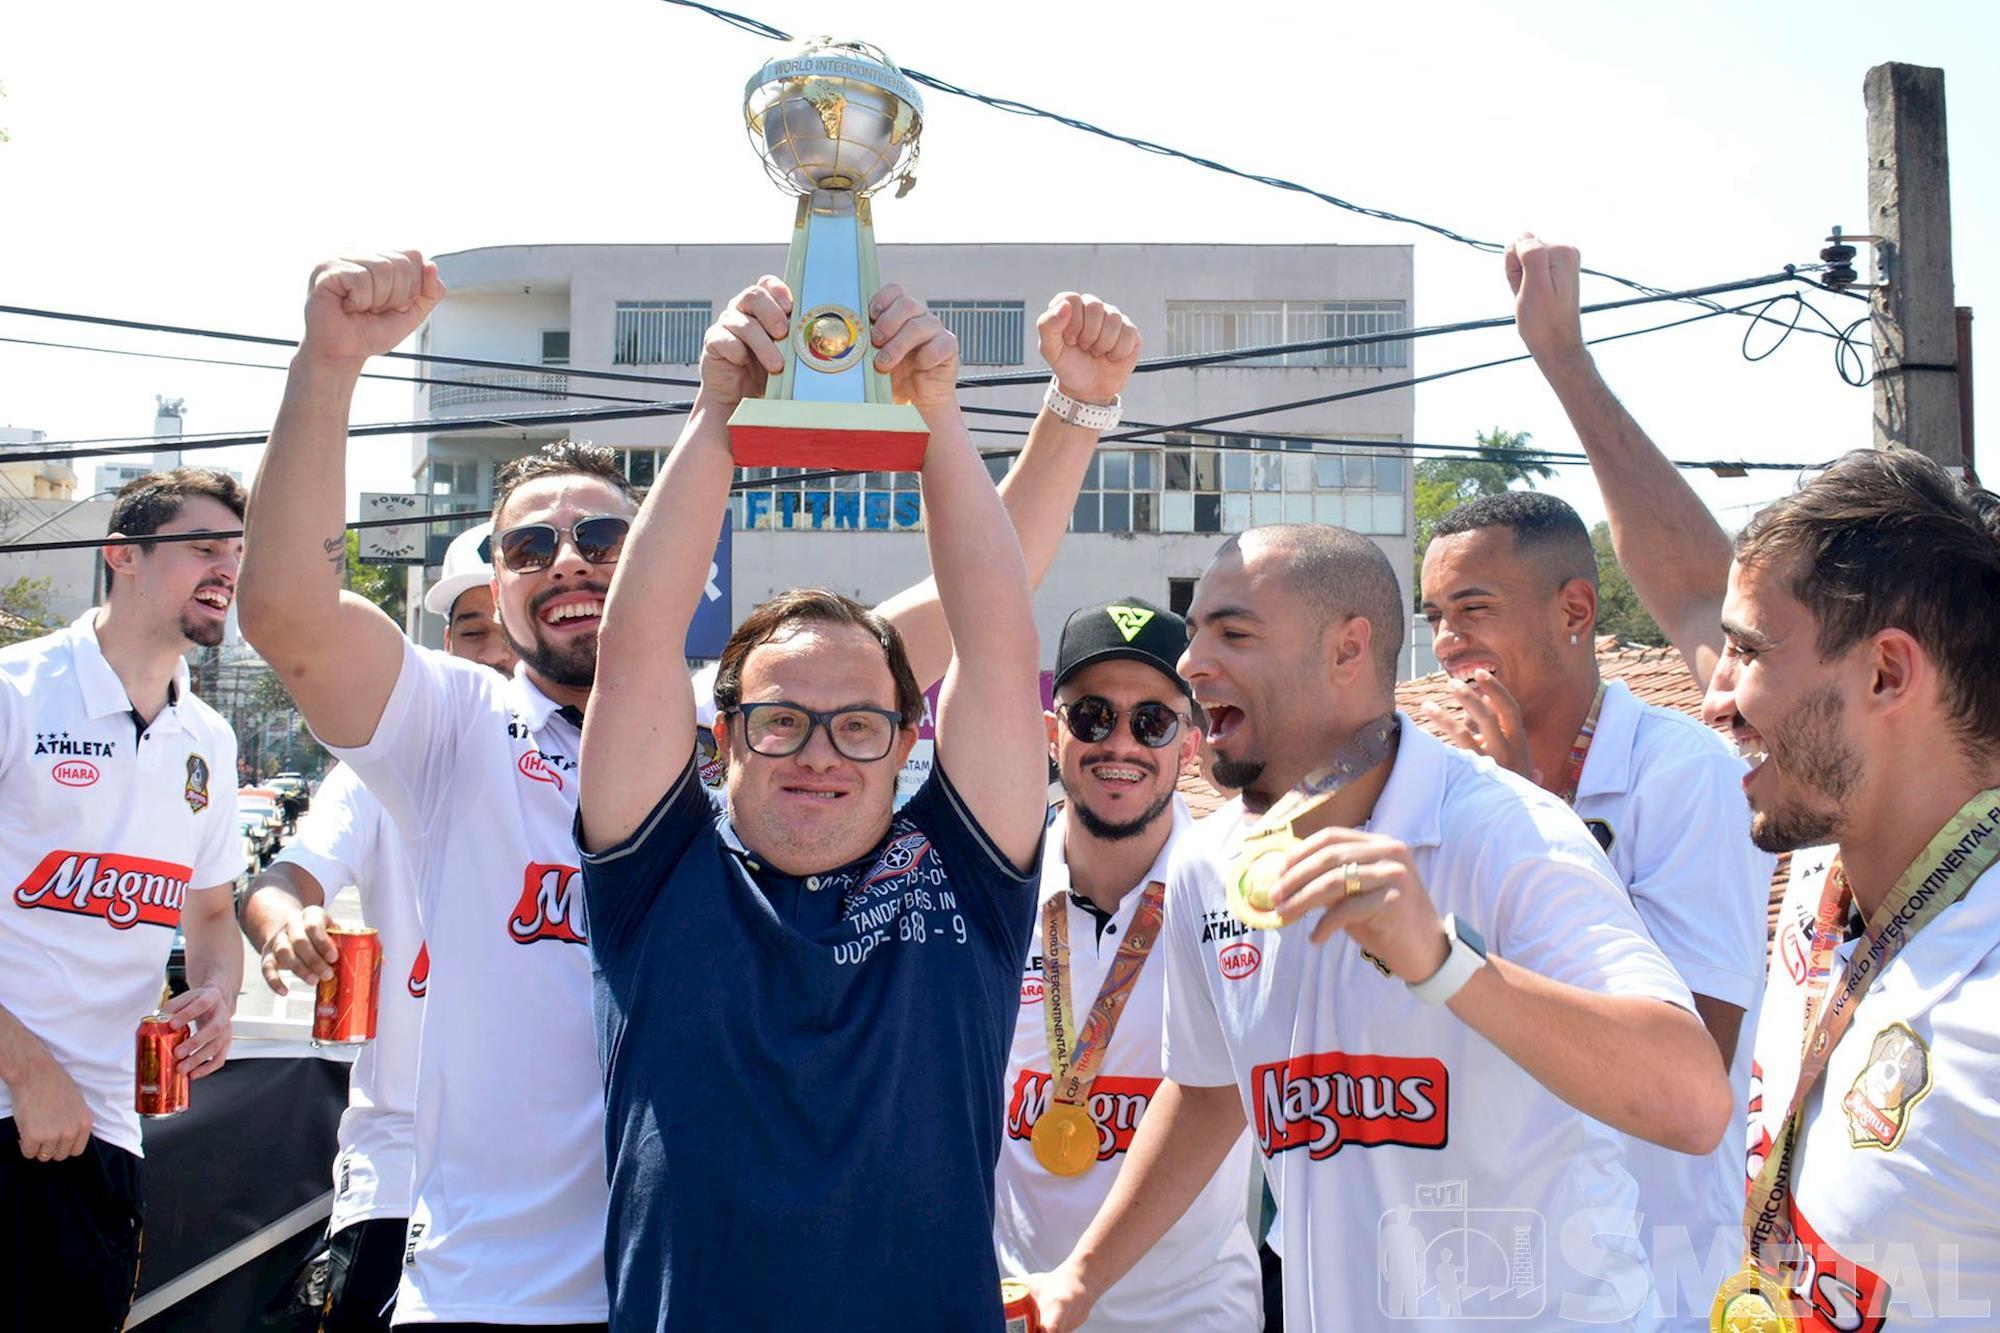 Desfile em comemoração ao Tricampeonato Mundial de Futsal da Magnus, futsal,  smetal,  tricampeão,  mundial,  desfile,  Magnus, Foguinho/Imprensa SMetal,  Desfile em comemoração ao Tricampeonato Mundial da Magnus Futsal